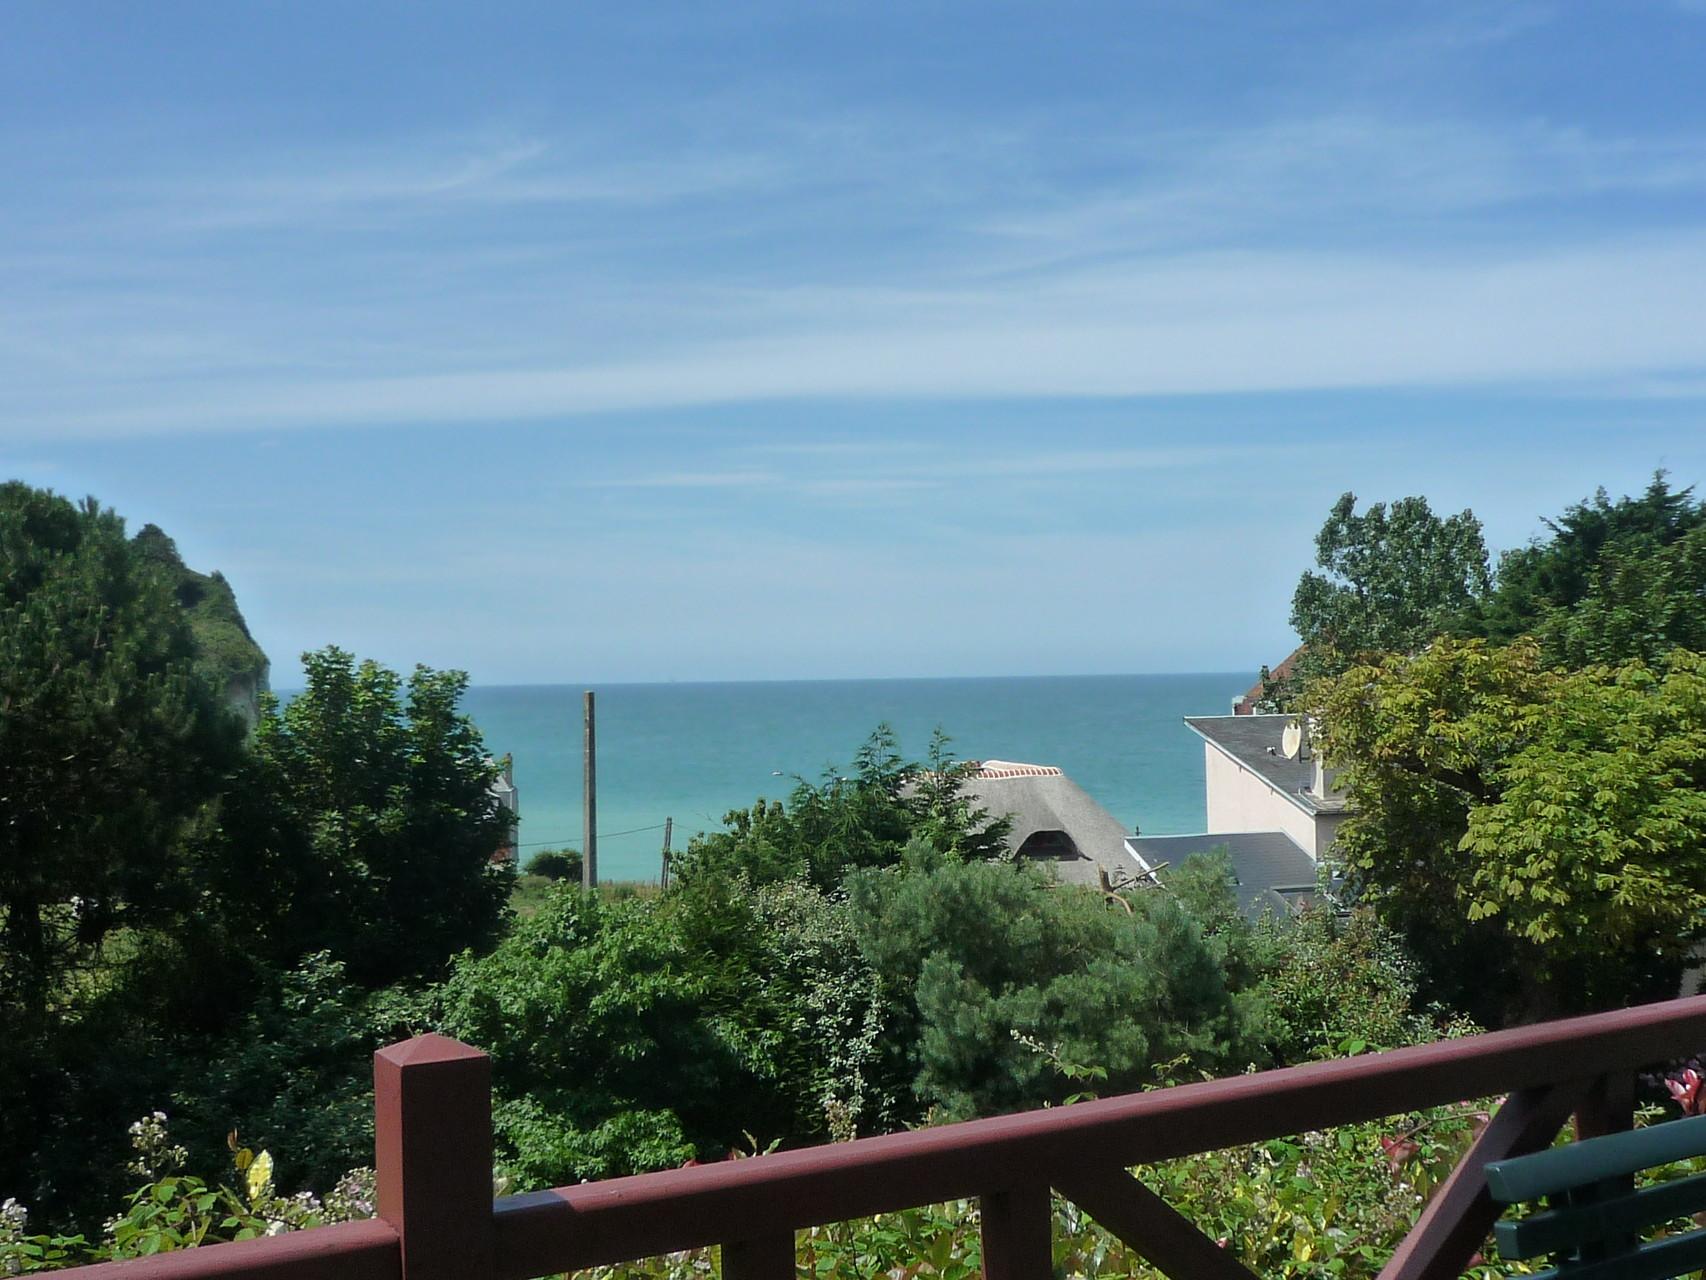 Vue sur la mer et les arbres depuis la terrasse